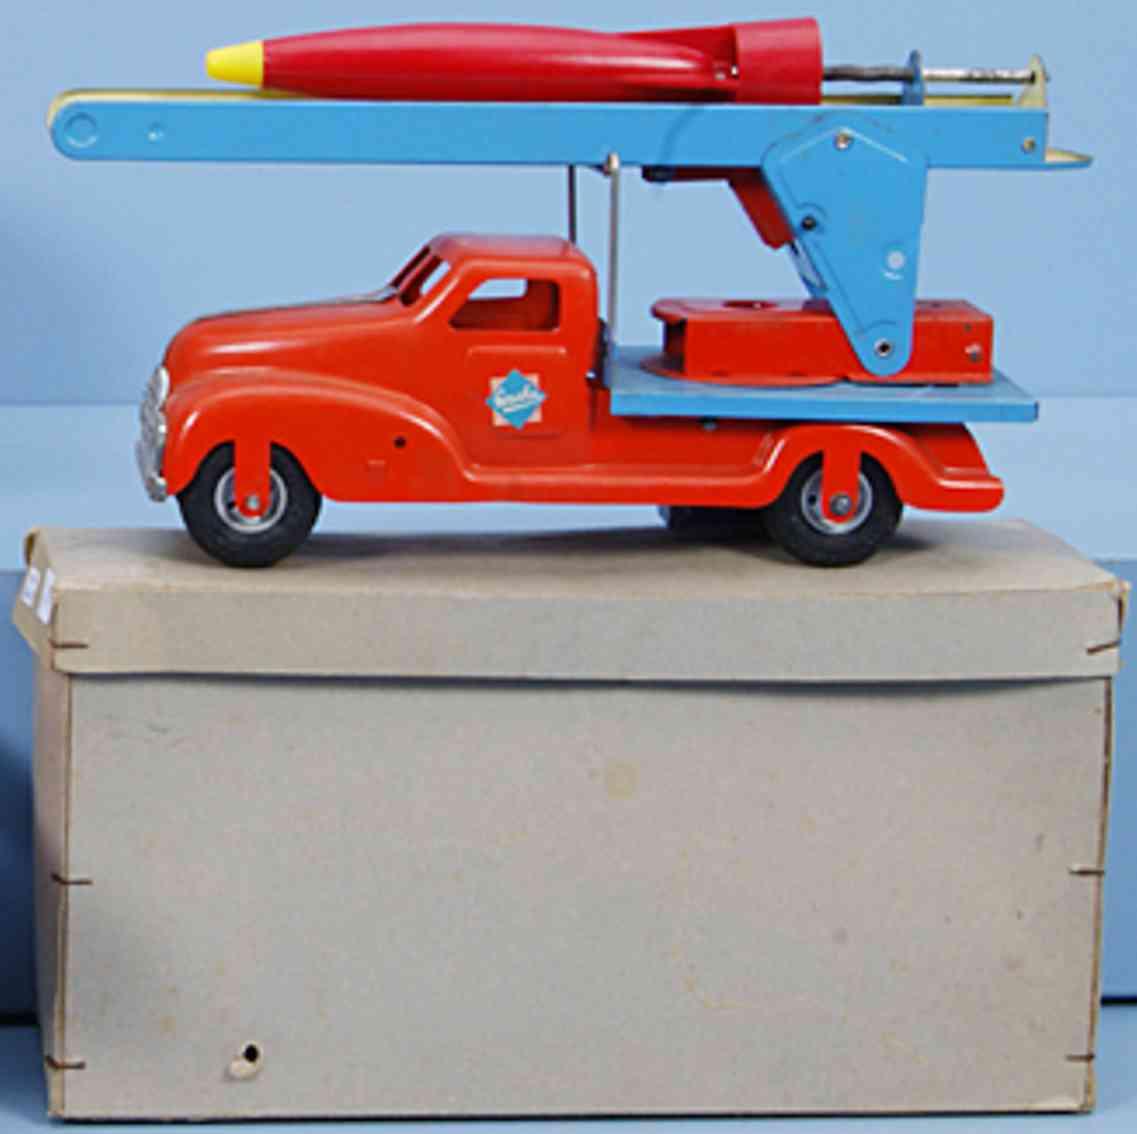 gescha 610 r tin toy rocket truck red blue